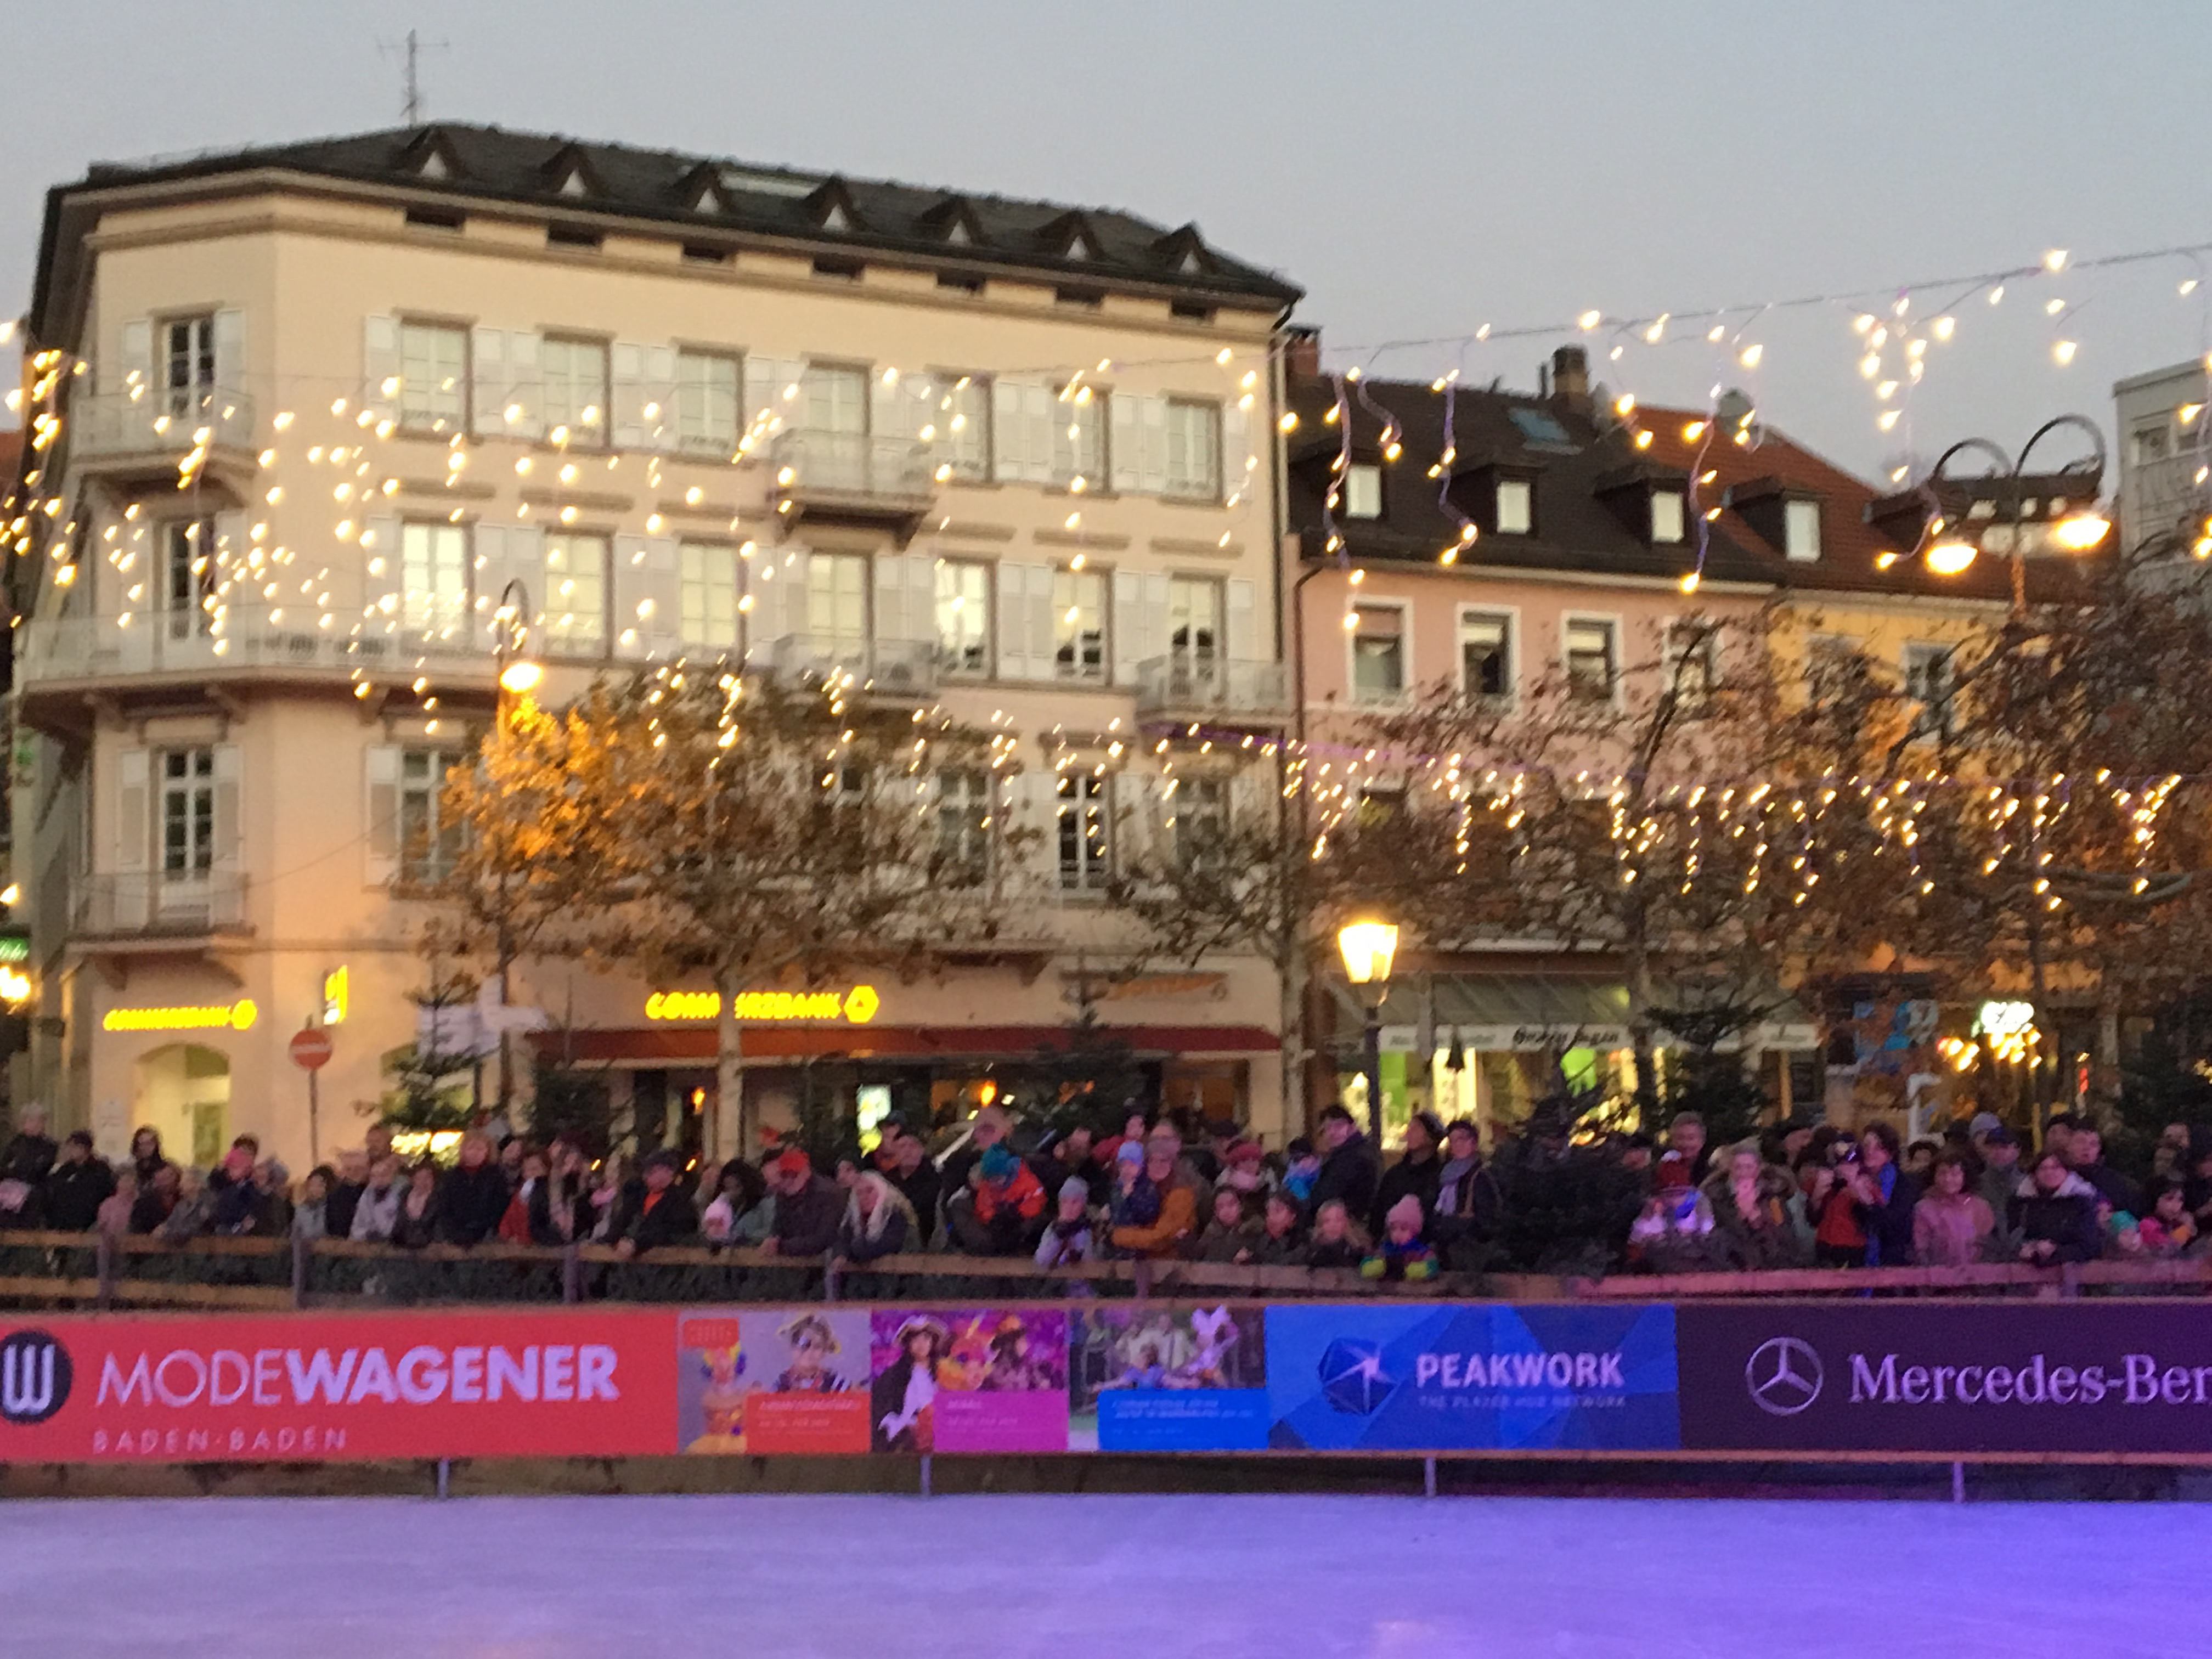 Weihnachtsmarkt Baden Baden öffnungszeiten.Eisarena Baden Baden Heißt Sie Wieder Vom 15 11 19 Bis Zum 06 01